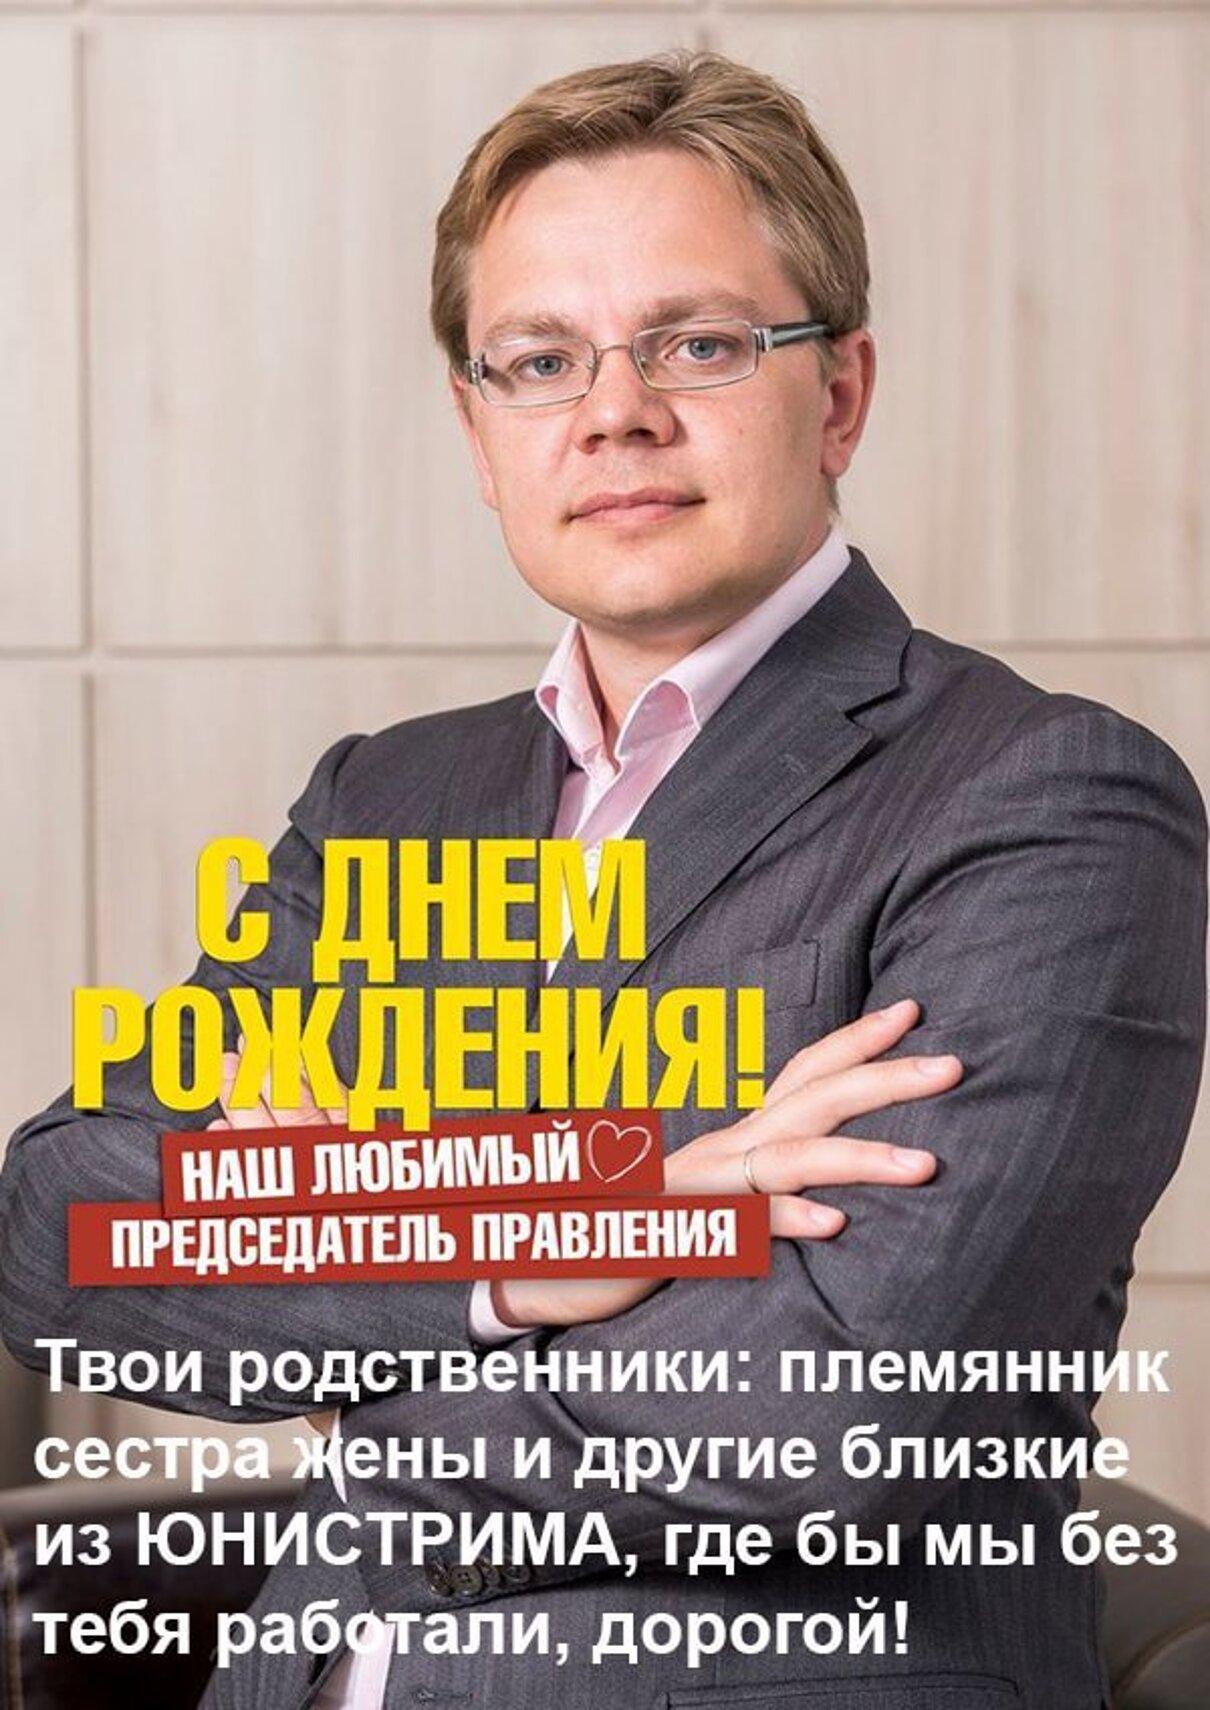 Жалоба-отзыв: Юнистрим Банк - ЮНИСТРИМ: взгляд изнутри.  Фото №3